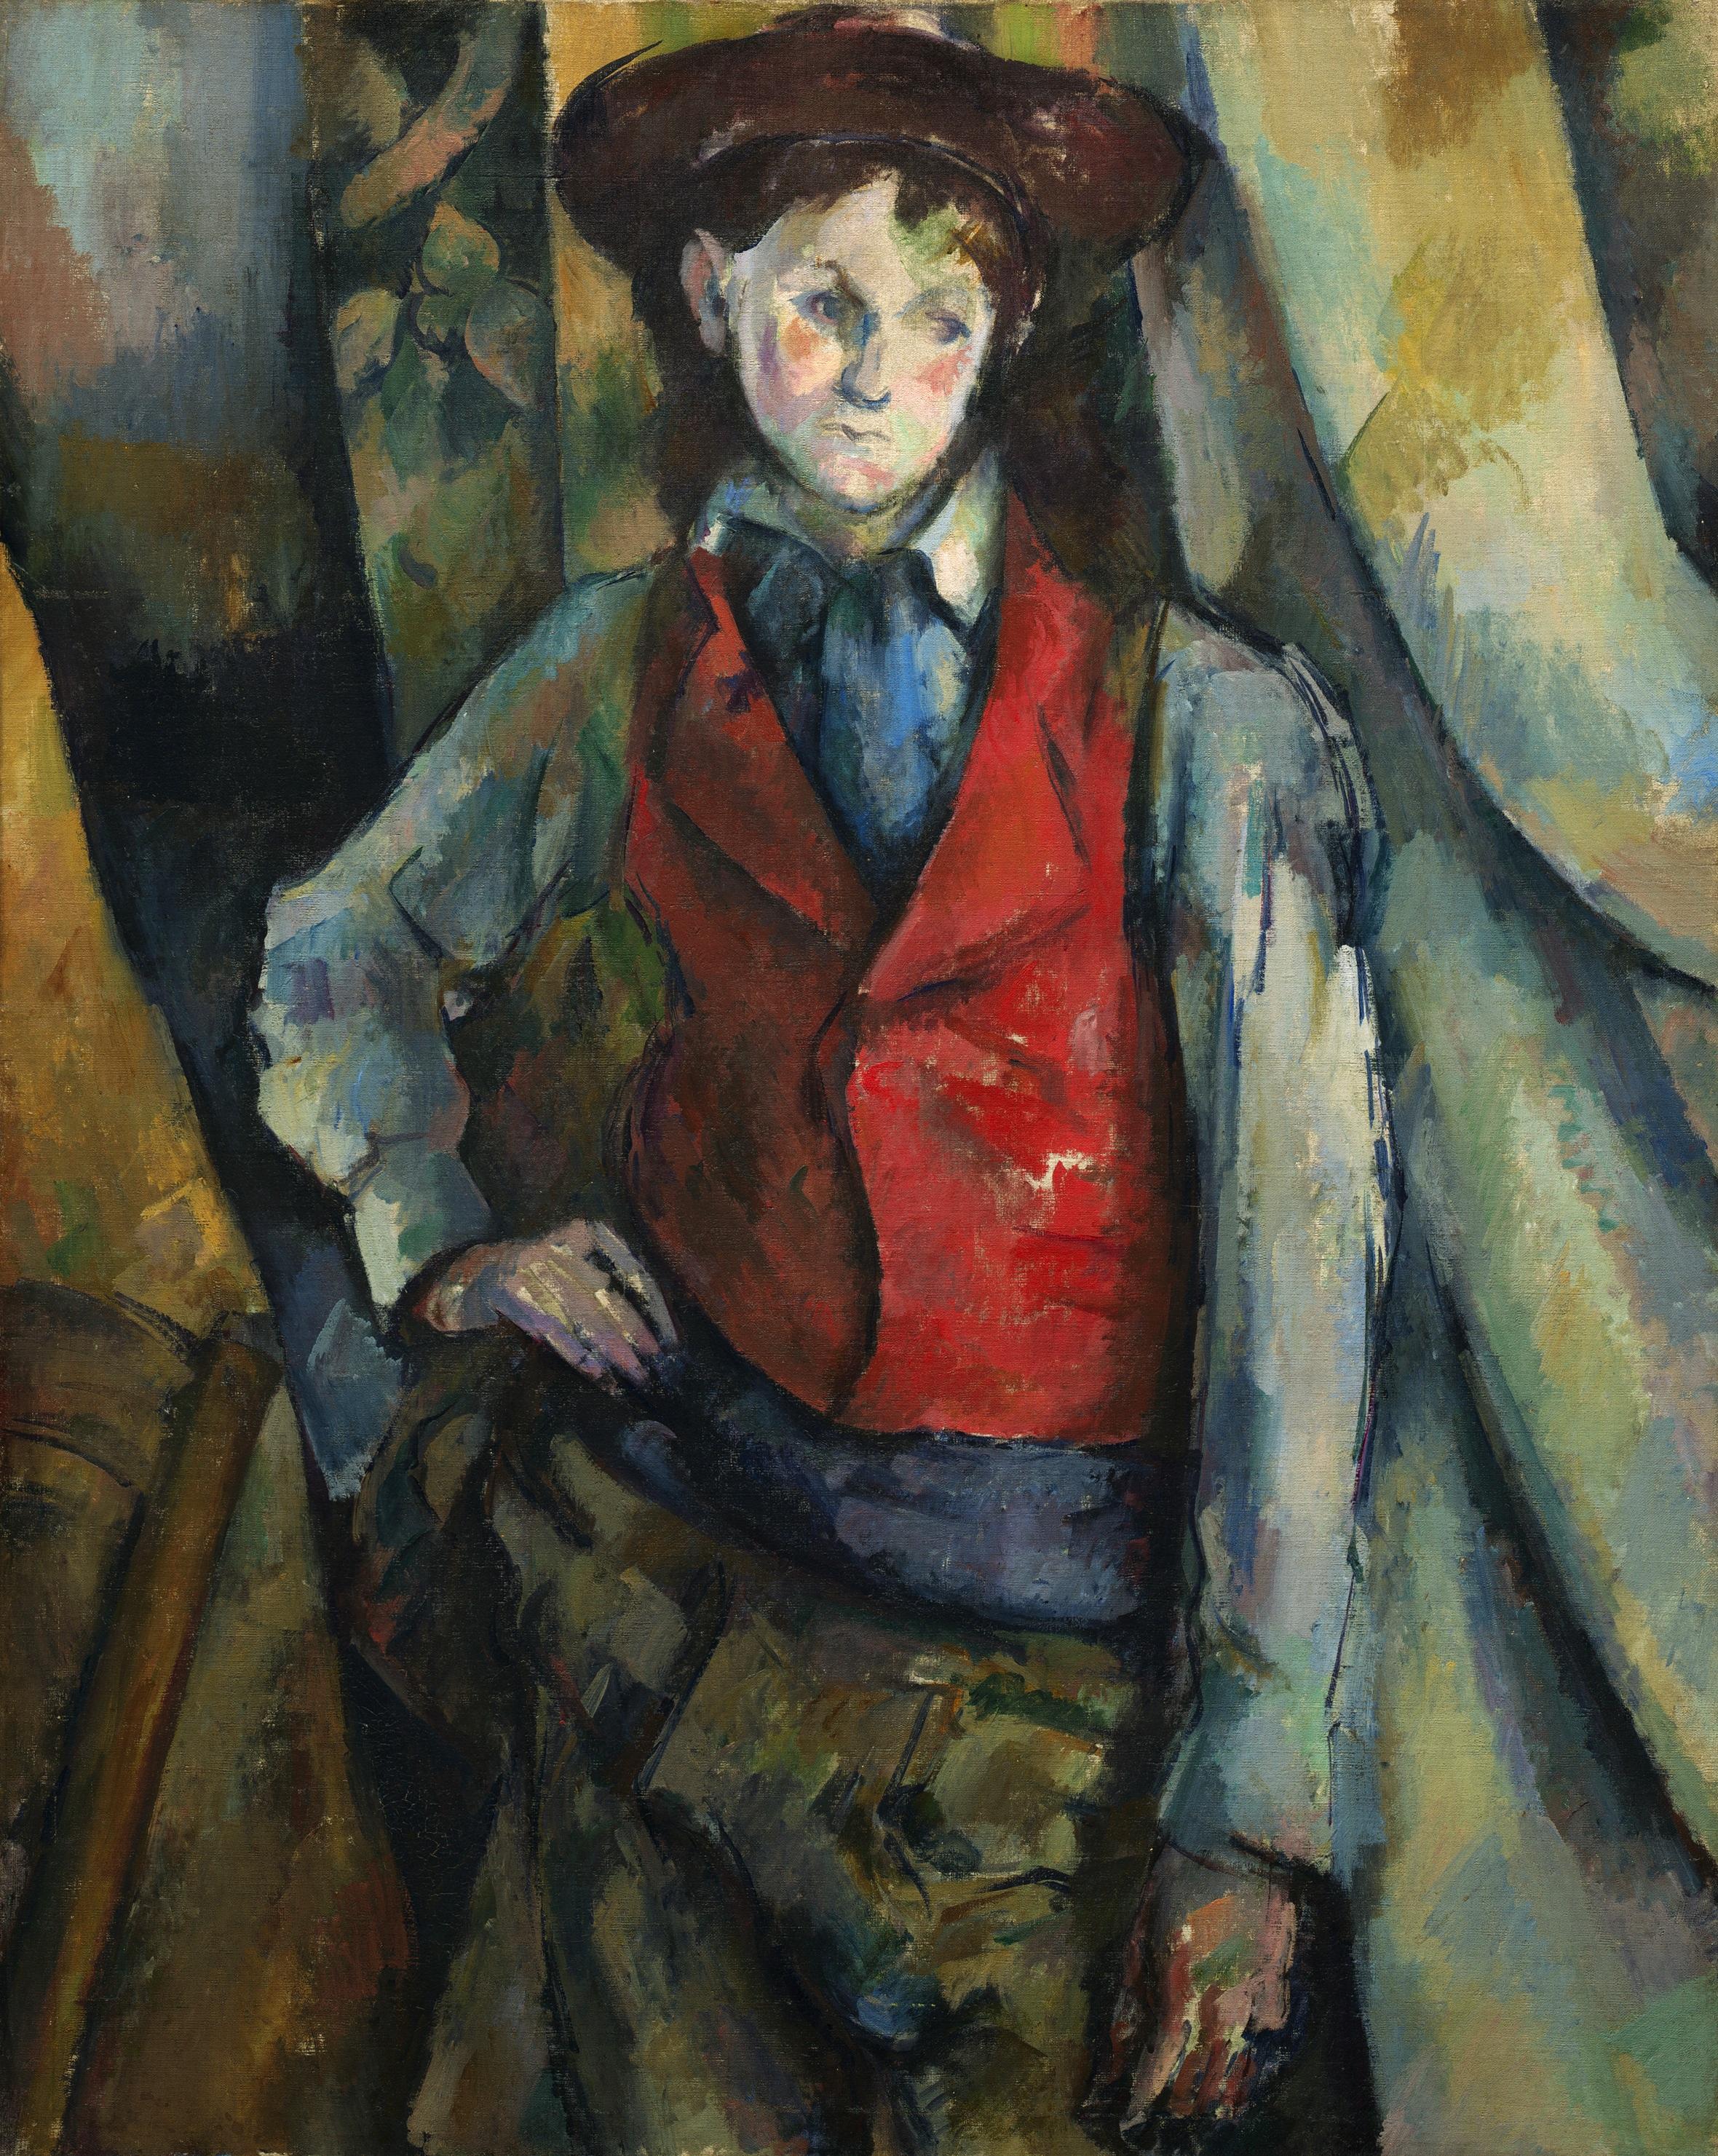 Paul_Cézanne_-_Garçon_au_gilet_rouge